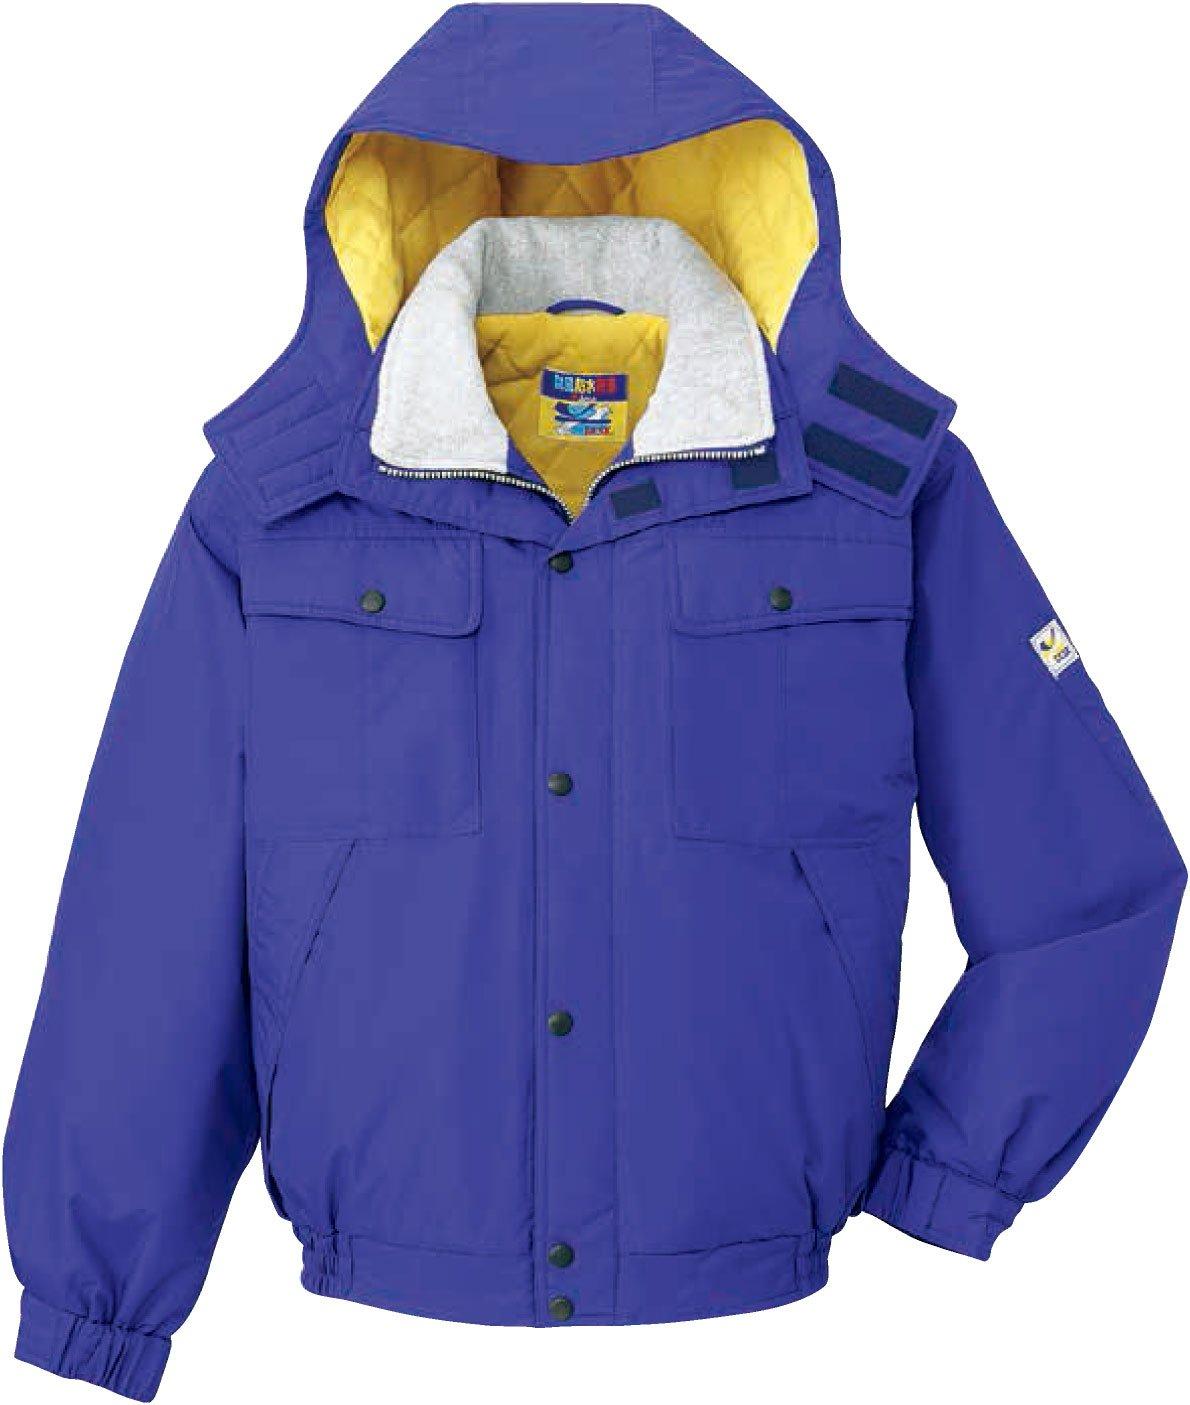 自重堂(JICHODO)防寒ブルゾン雨 雪 風 寒さ。悪天候からワーカーを守るシリーズ jd-28060 B01BNFRVMK LL|パープル パープル LL